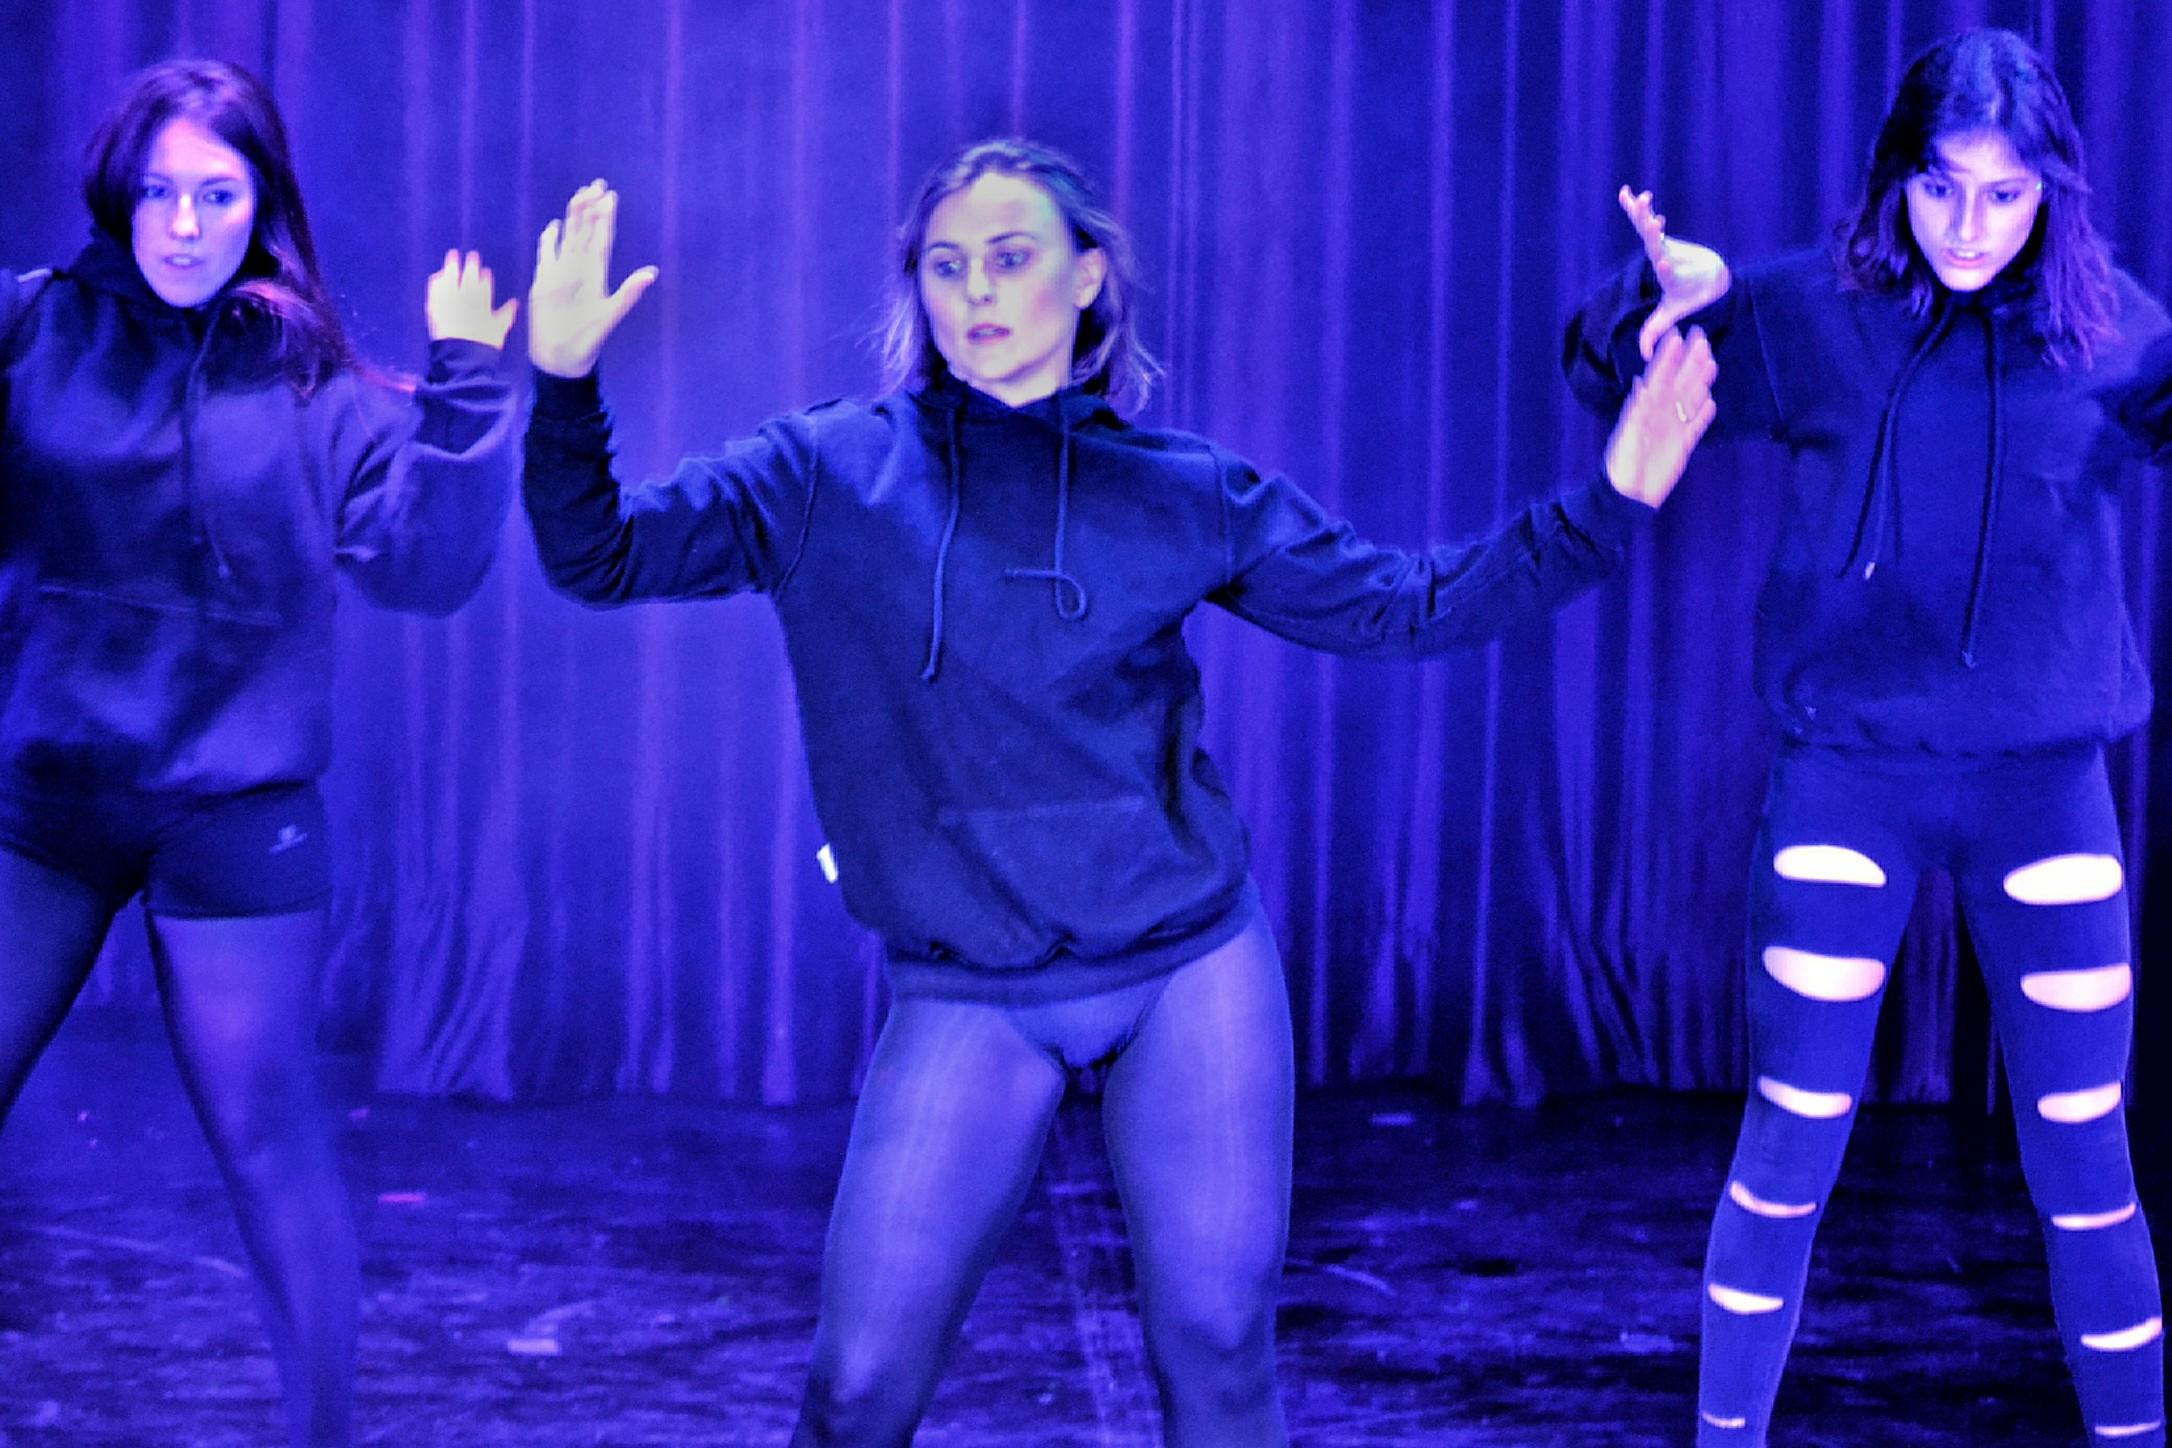 Linea-de-Baile-festival-verano-2015-clases-de-baile-valencia-80